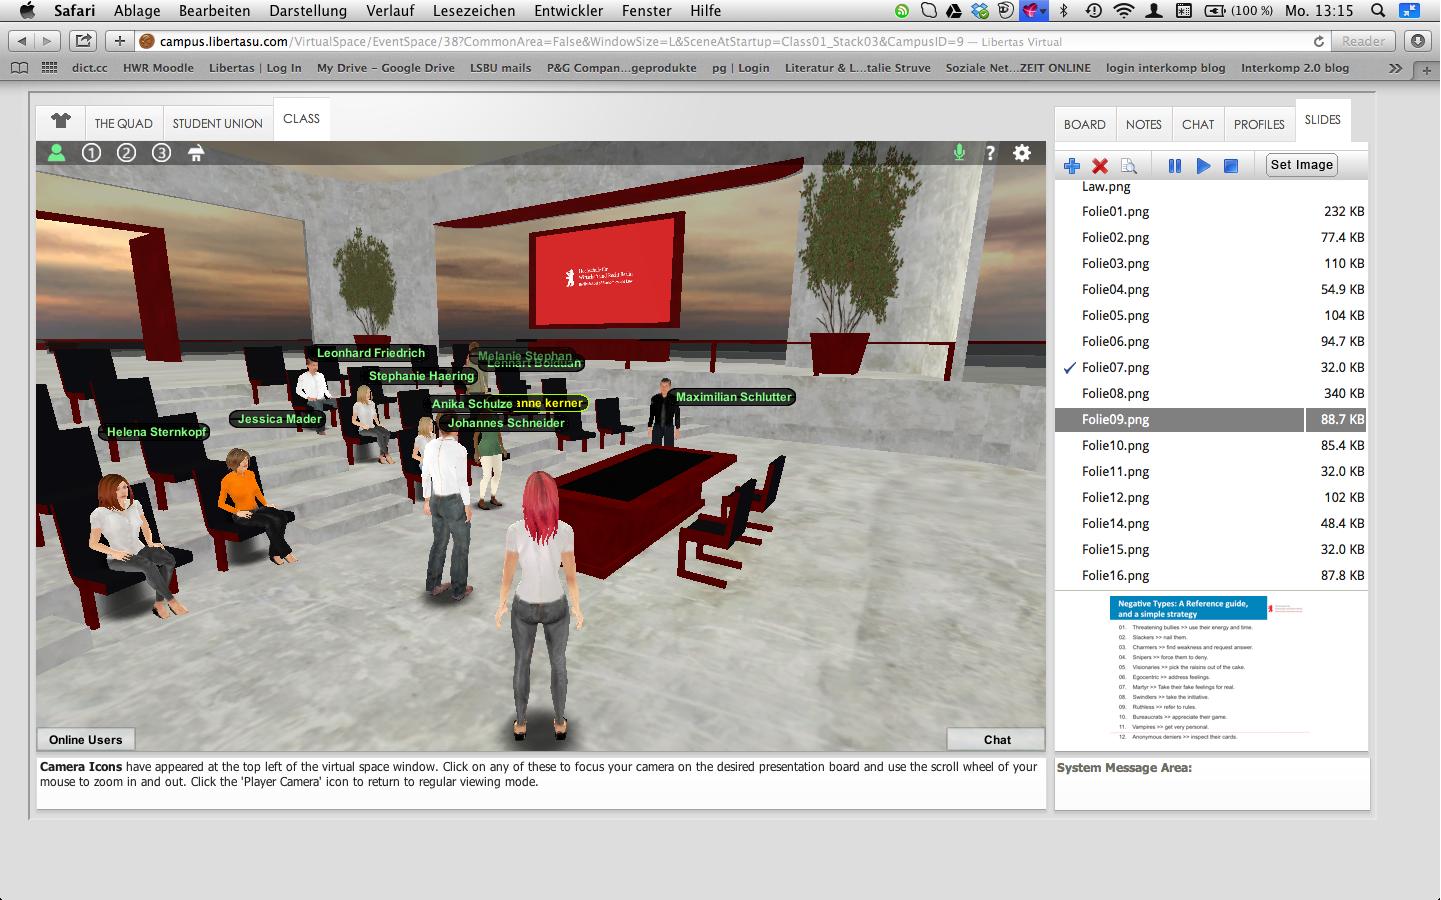 Virtuelle Lehre mit Avataren, Adobe, Skype und Invote